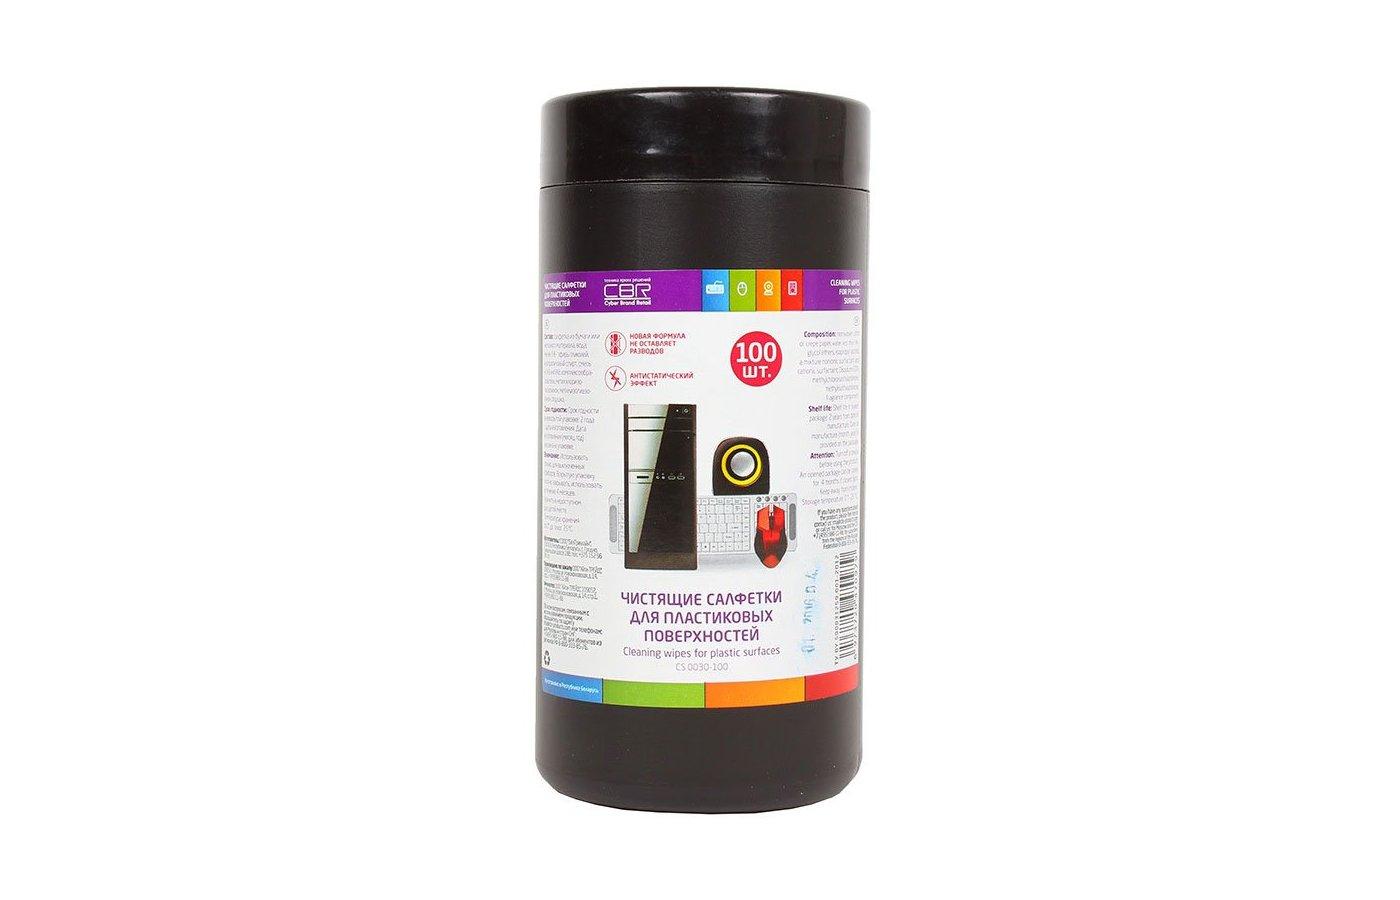 Чистящее средство CBR CS 0030-100